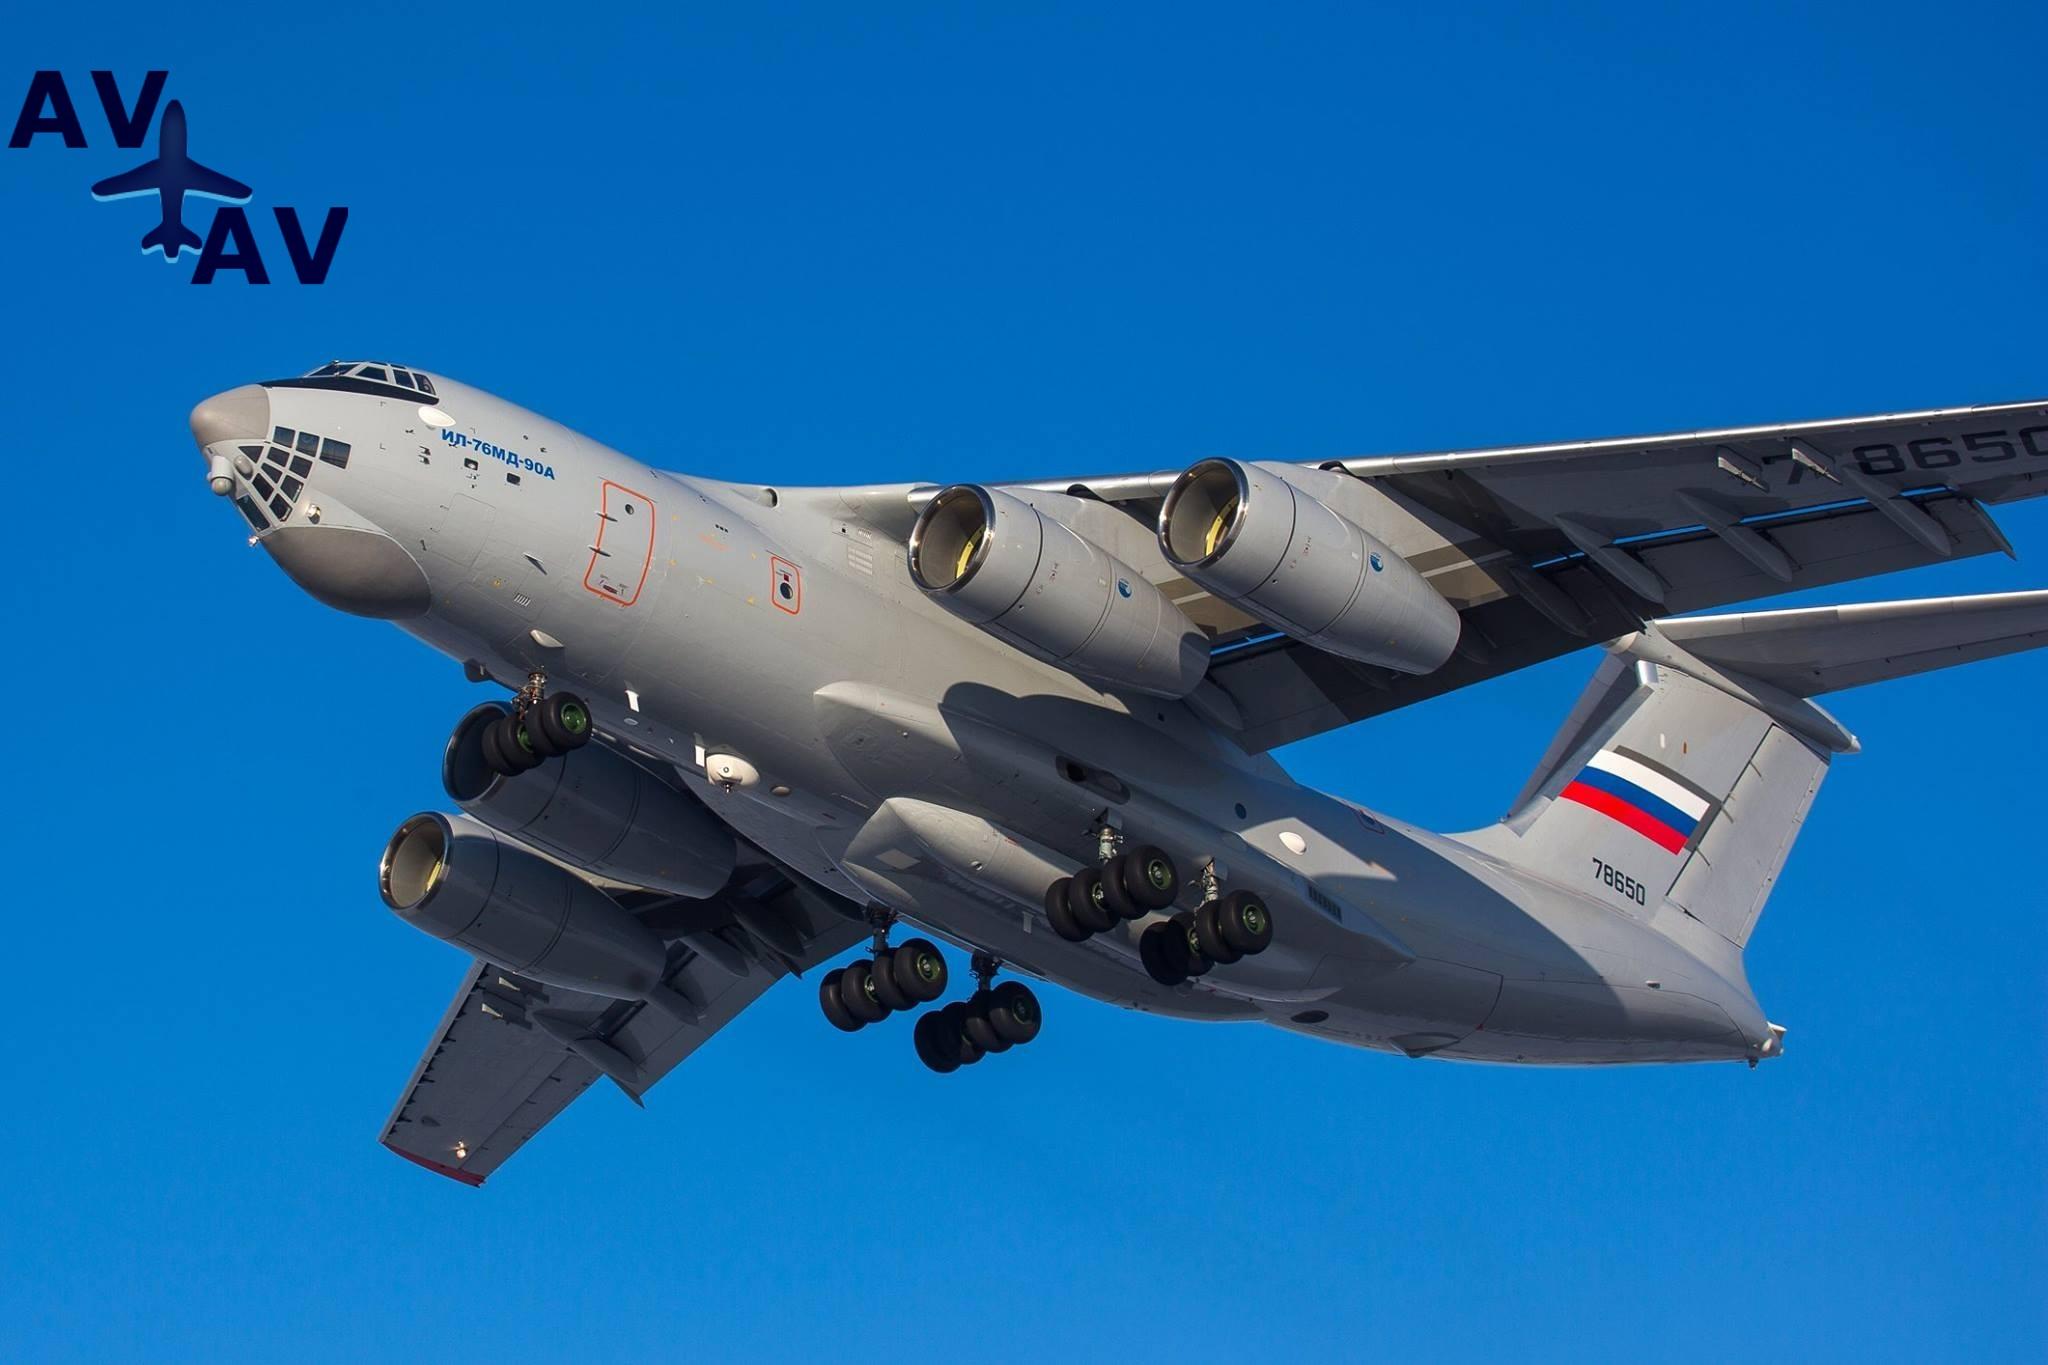 il 76md 90a - Самолет Ил-476 будет собираться отечественными роботами